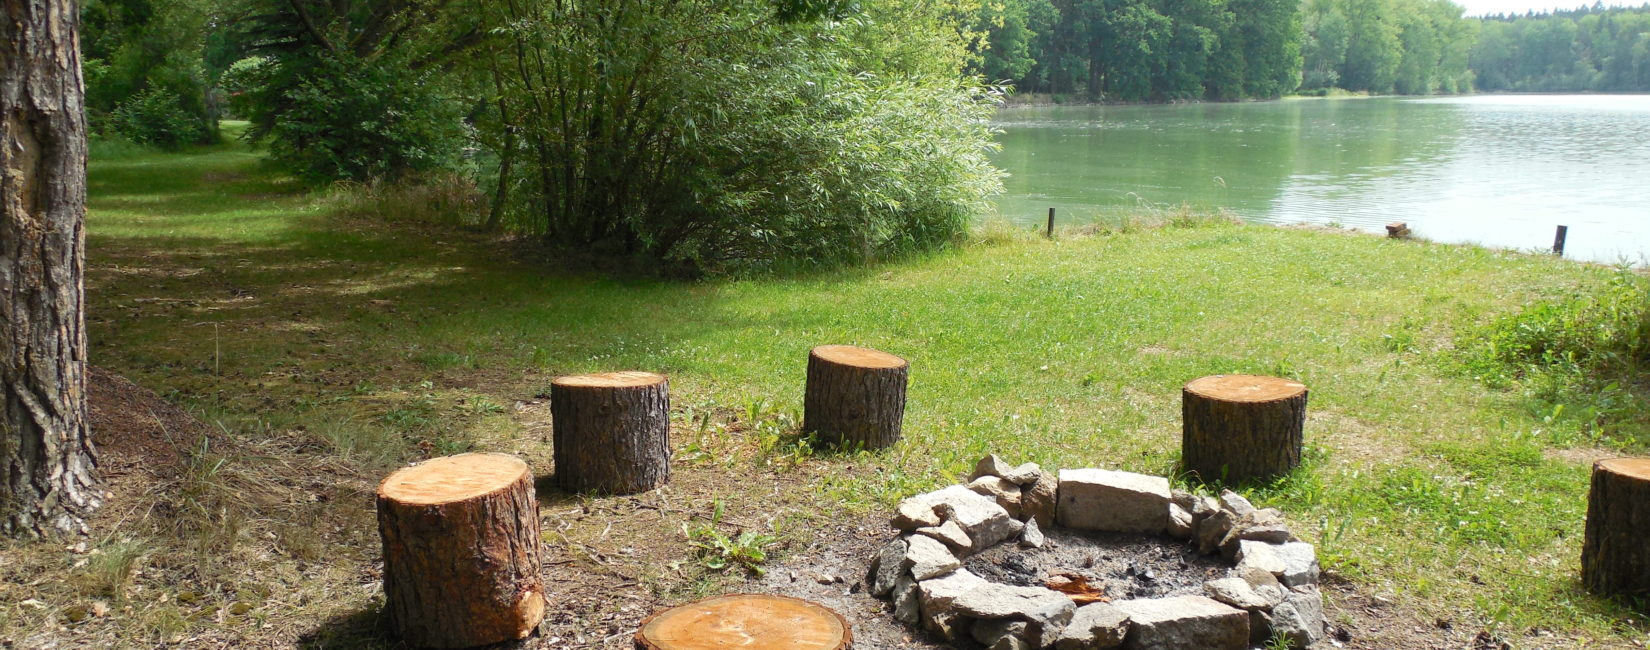 K dispozici je venkovní ohniště s krásným výhledem na rybník